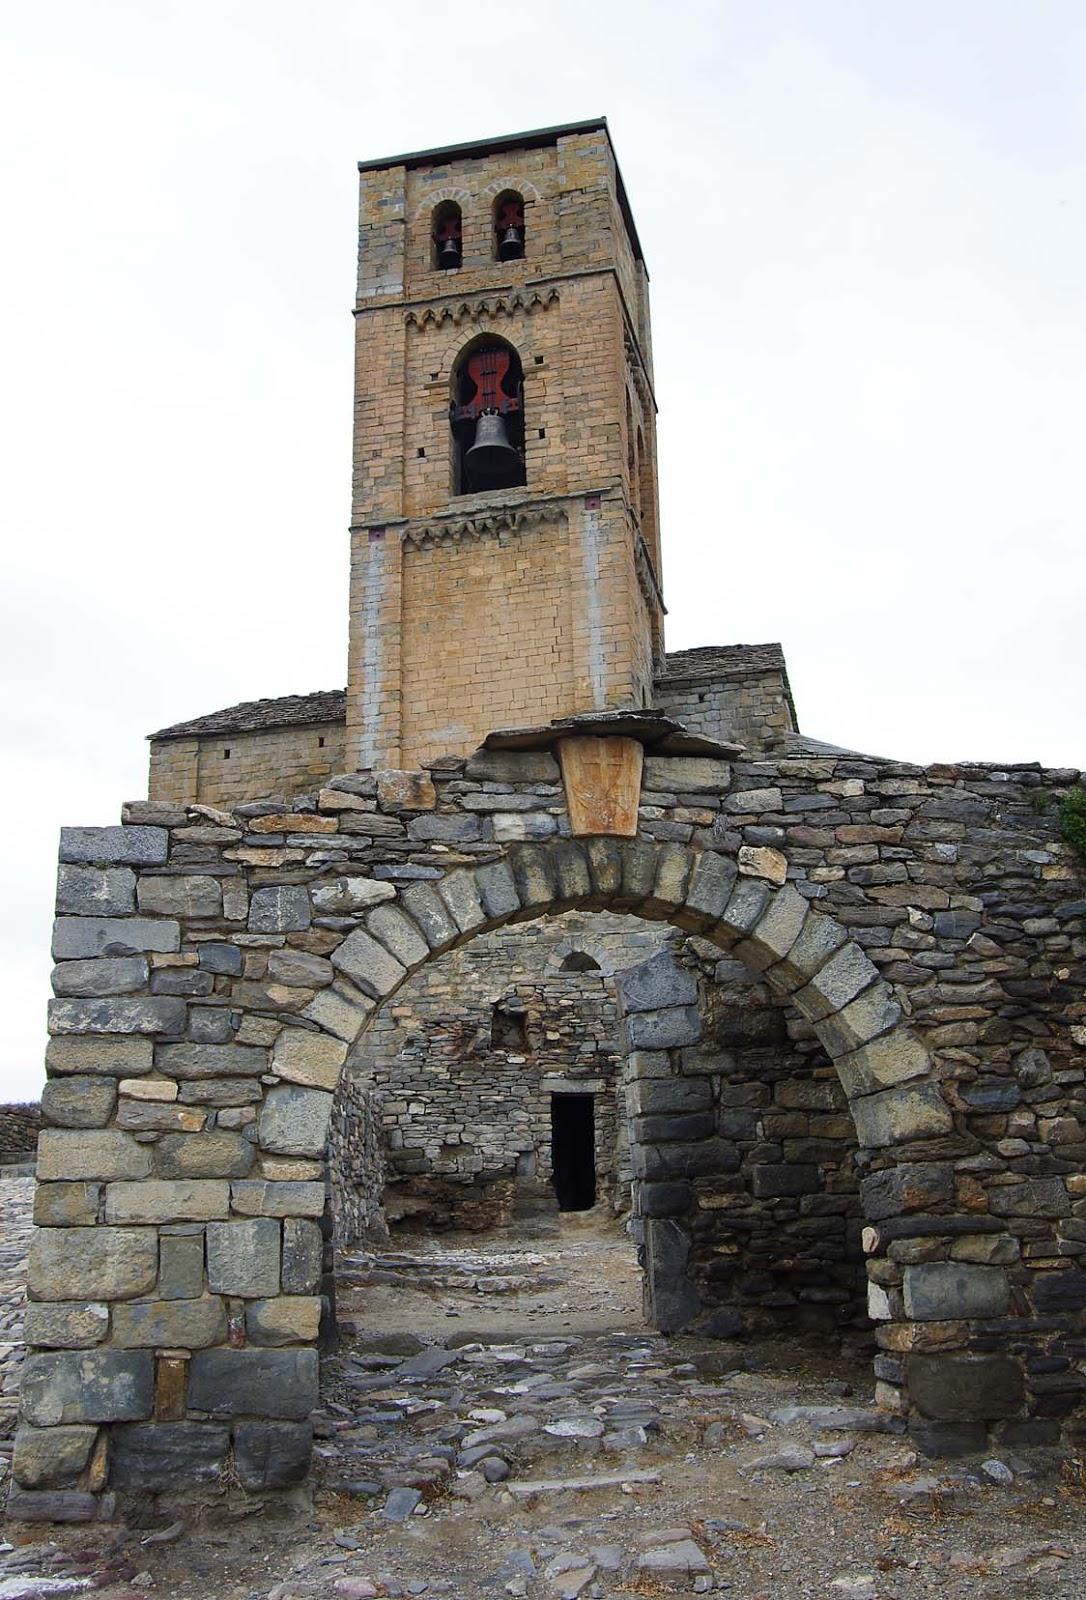 Entusiasco puertas r sticas y arcos de piedra en for Las puertas de piedra amazon